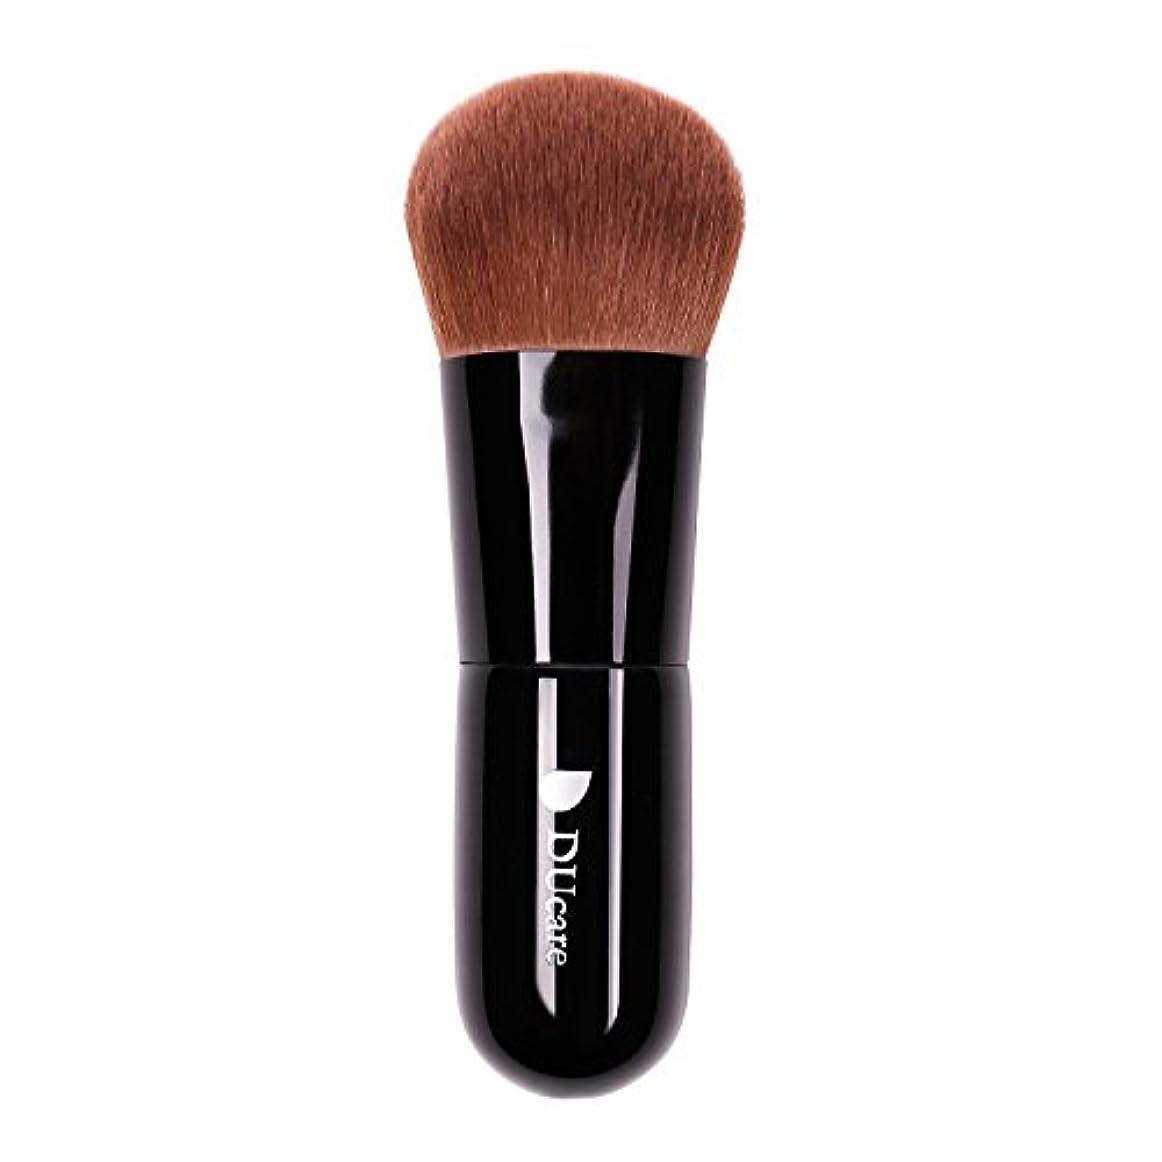 バスケットボール慈悲深い表面ドゥケア(DUcare) 化粧筆 ファンデーションブラシ フェイスブラシ 最高級のタクロンを使用